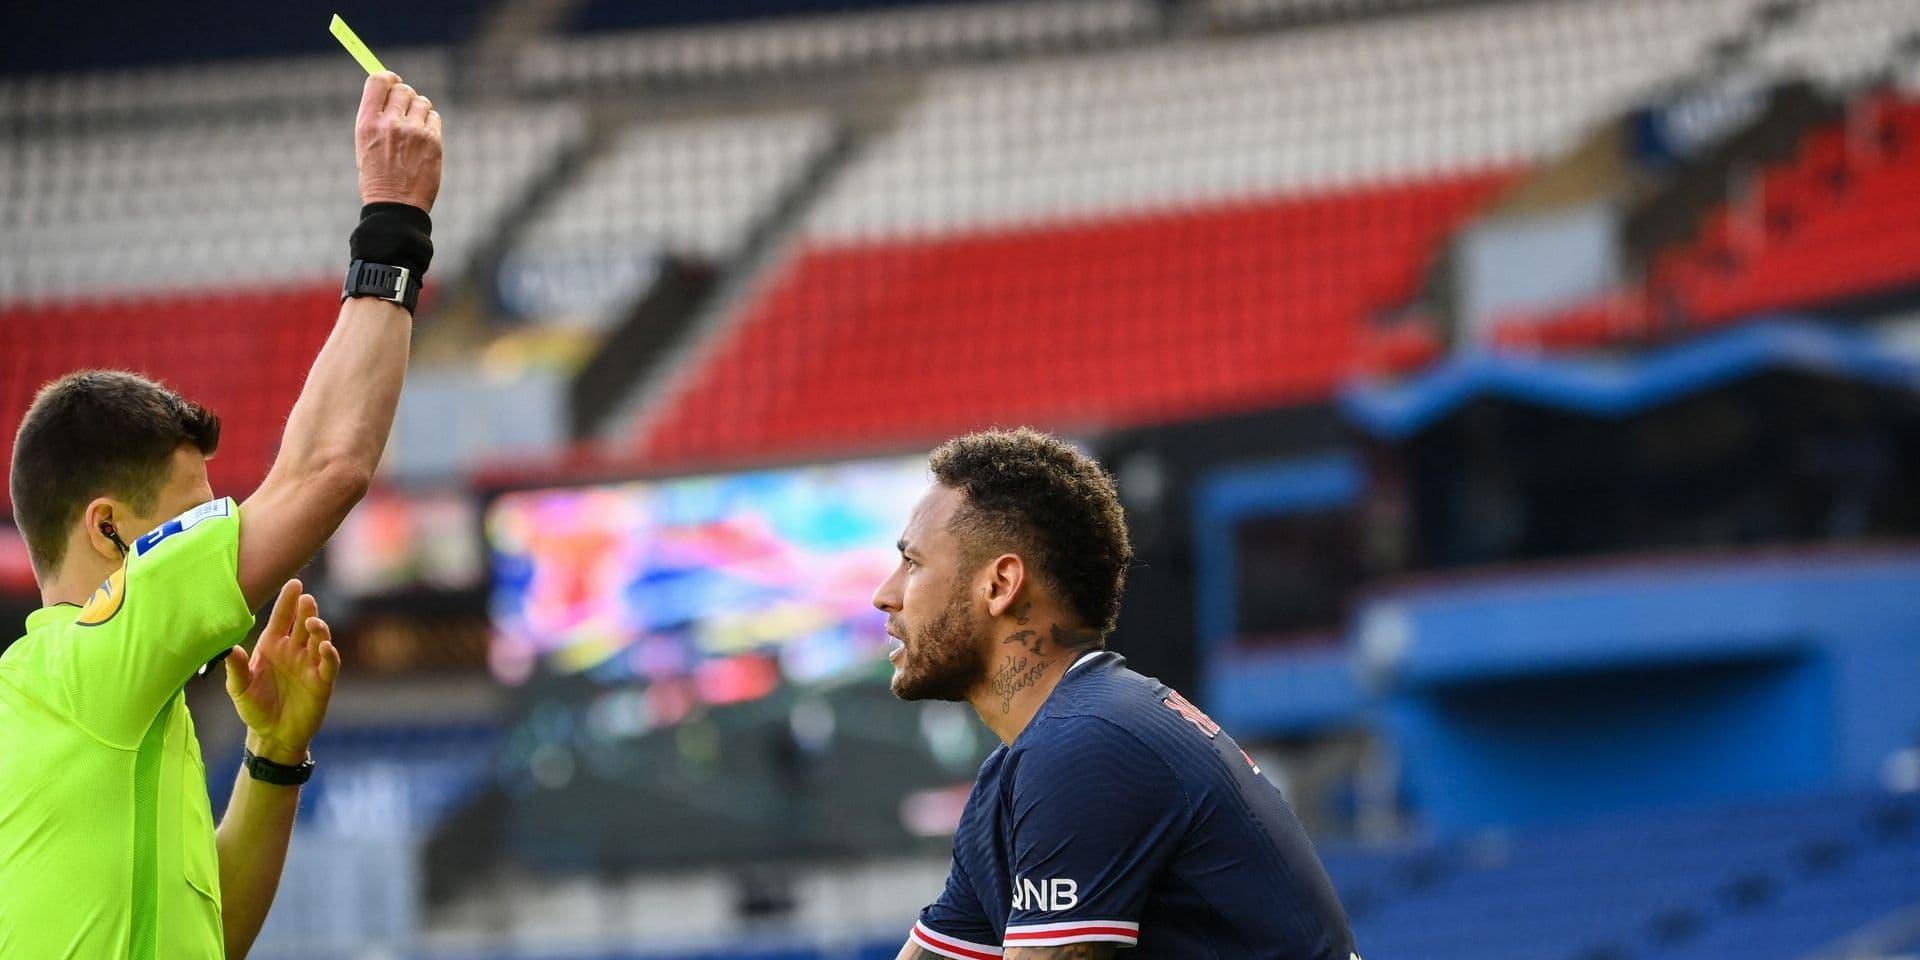 Voici pourquoi Neymar devrait échapper à une lourde sanction après son carton rouge